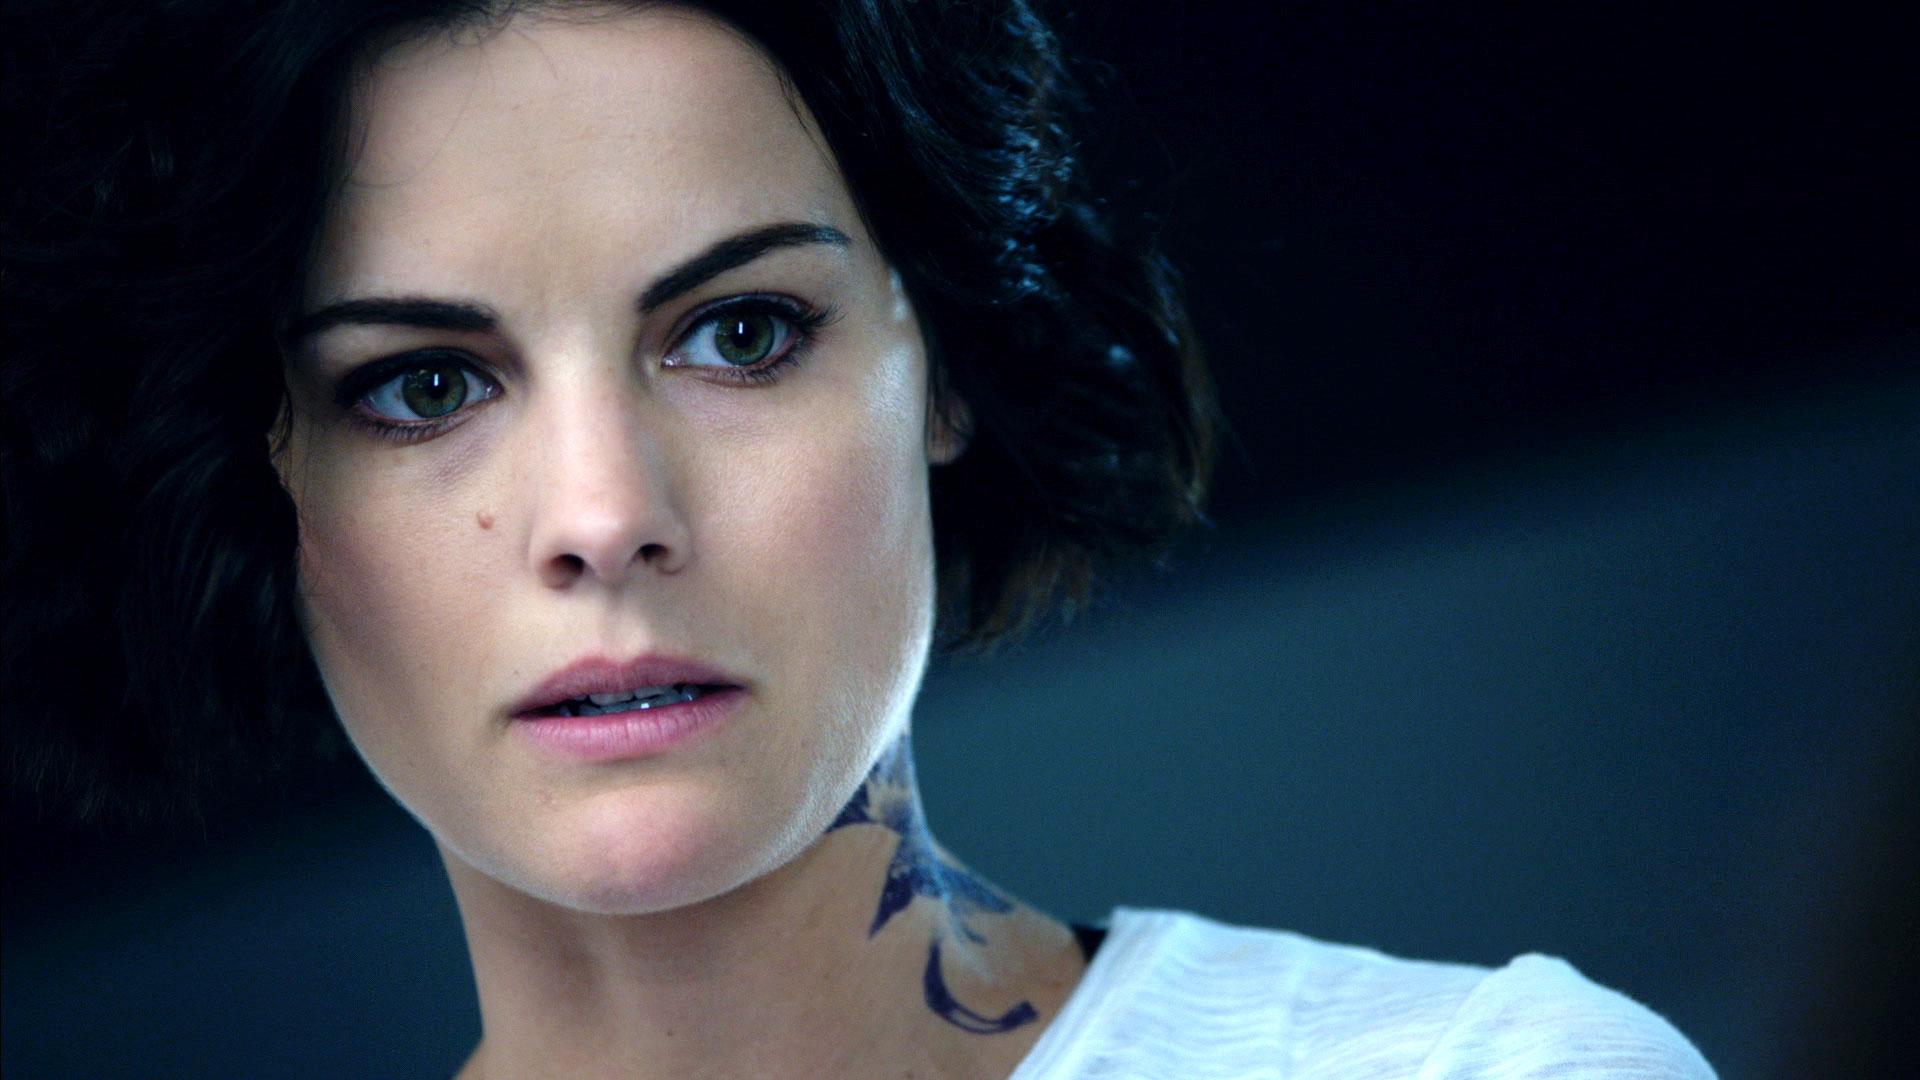 Blindspot Will Return For Season 4 on NBC